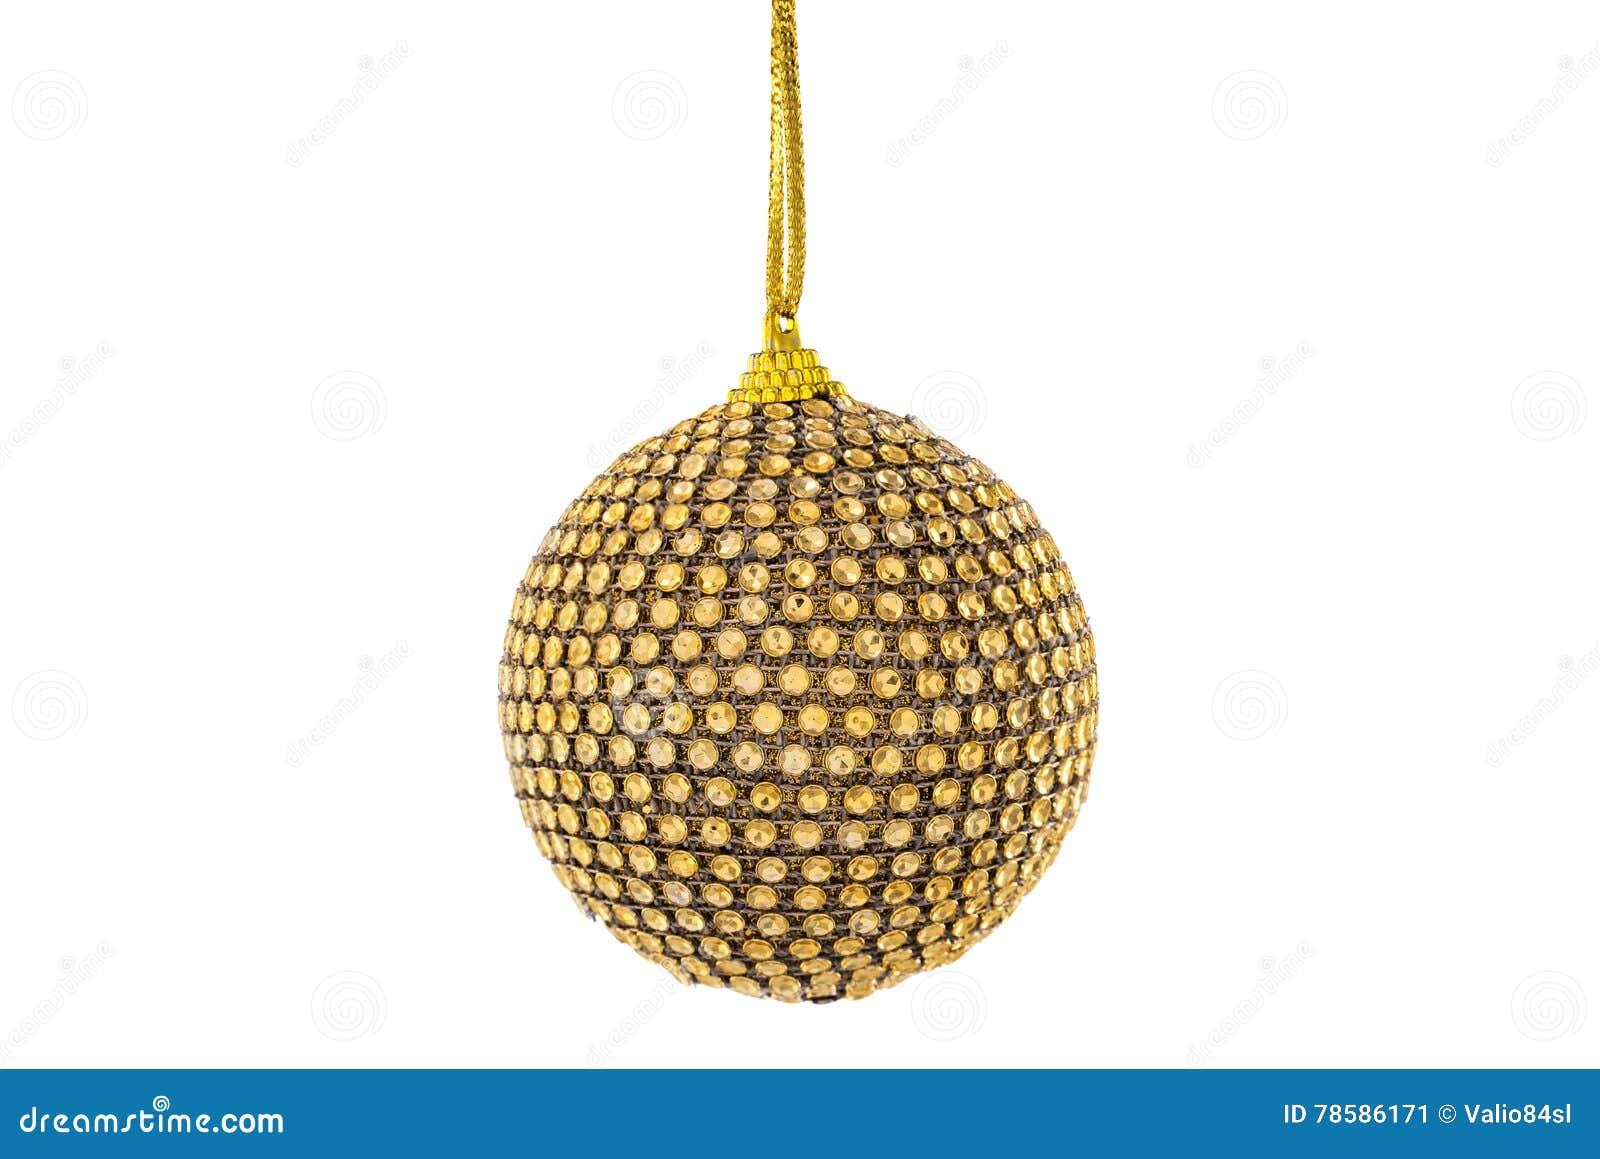 Bola de oro de la Navidad, aislada en blanco